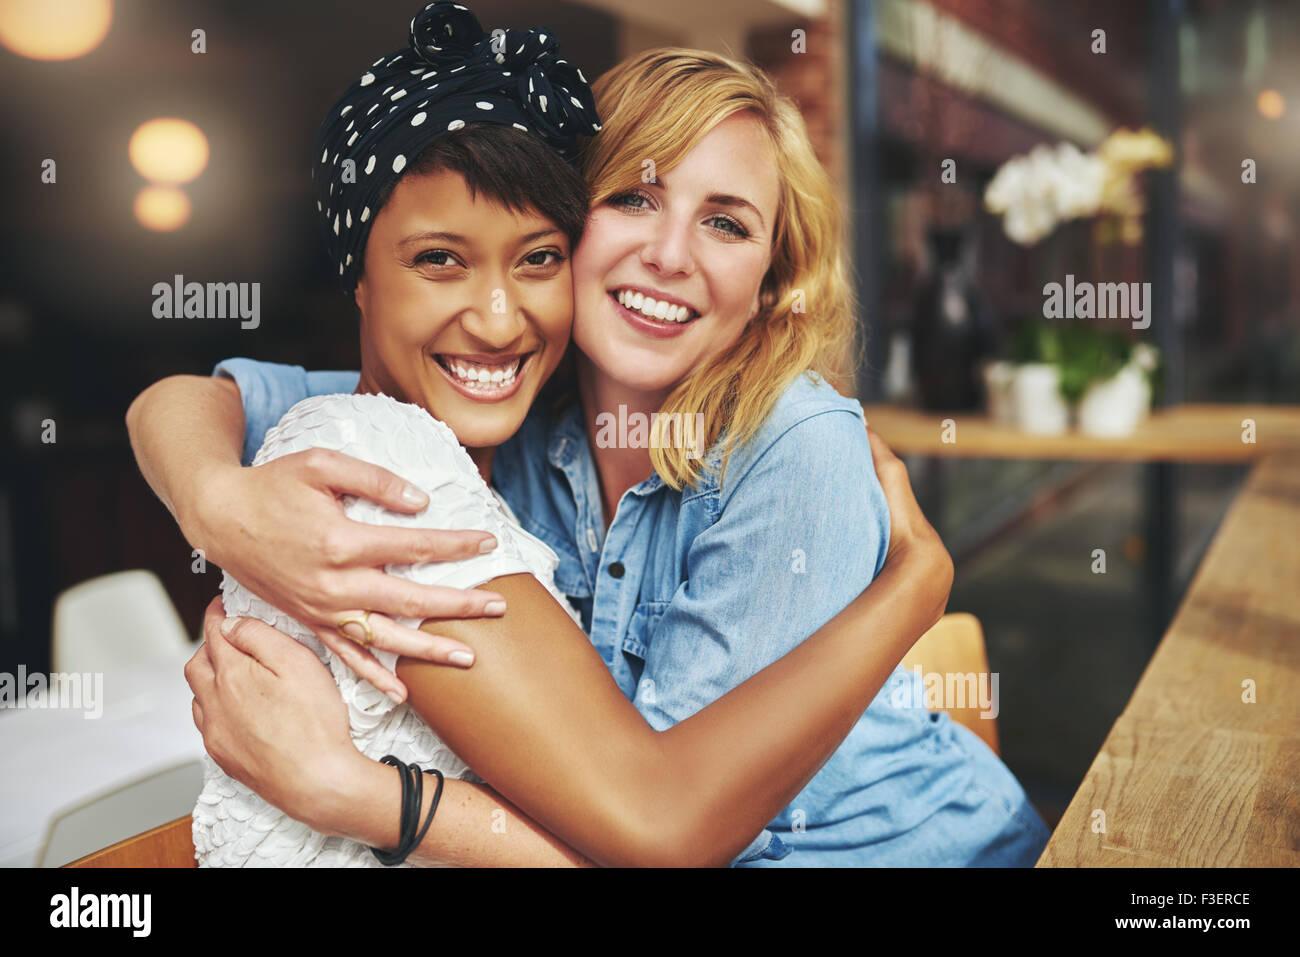 Dos feliz joven afectuoso abrazo uno al otro en un abrazo mientras se reía y sonriente, la joven mujer multirracial Imagen De Stock